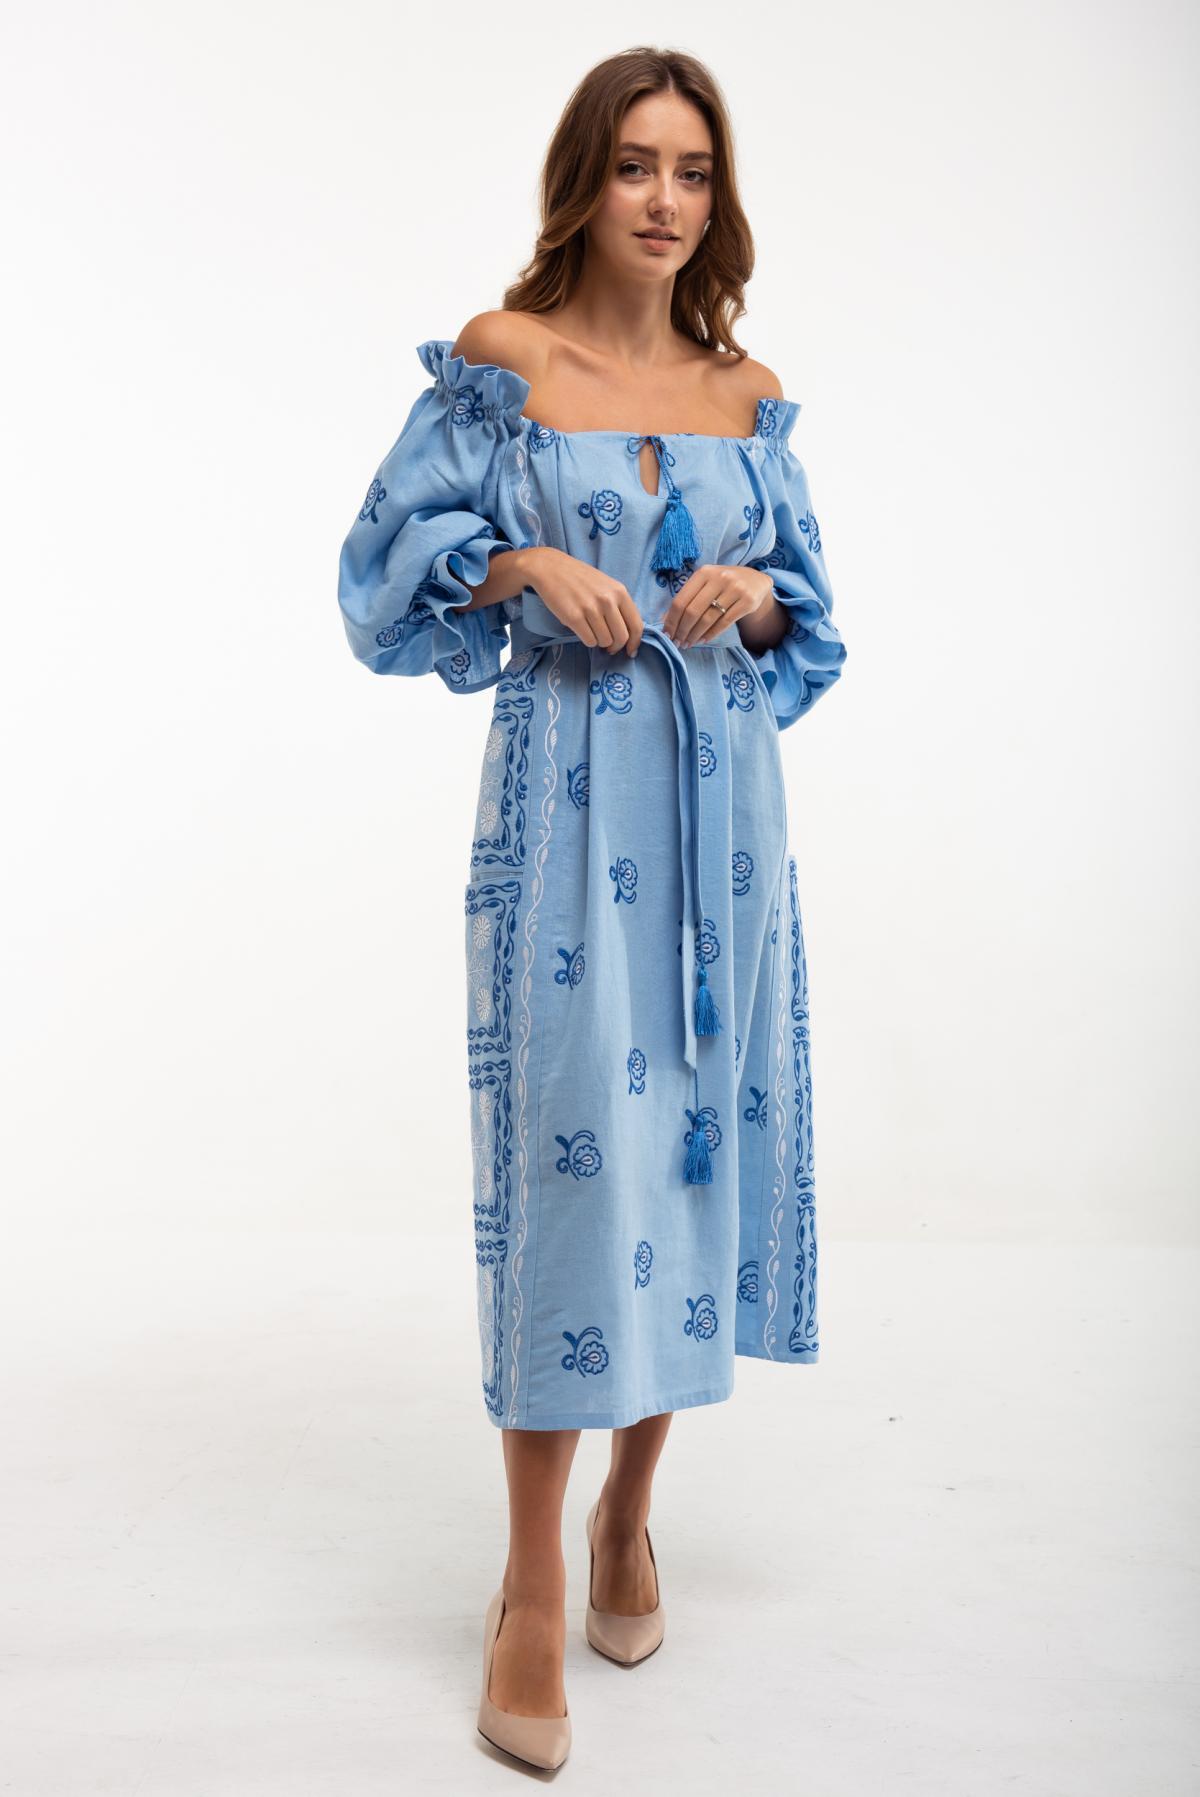 Вышитое платье Барвинок голубое. Фото №1. | Народный дом Украина